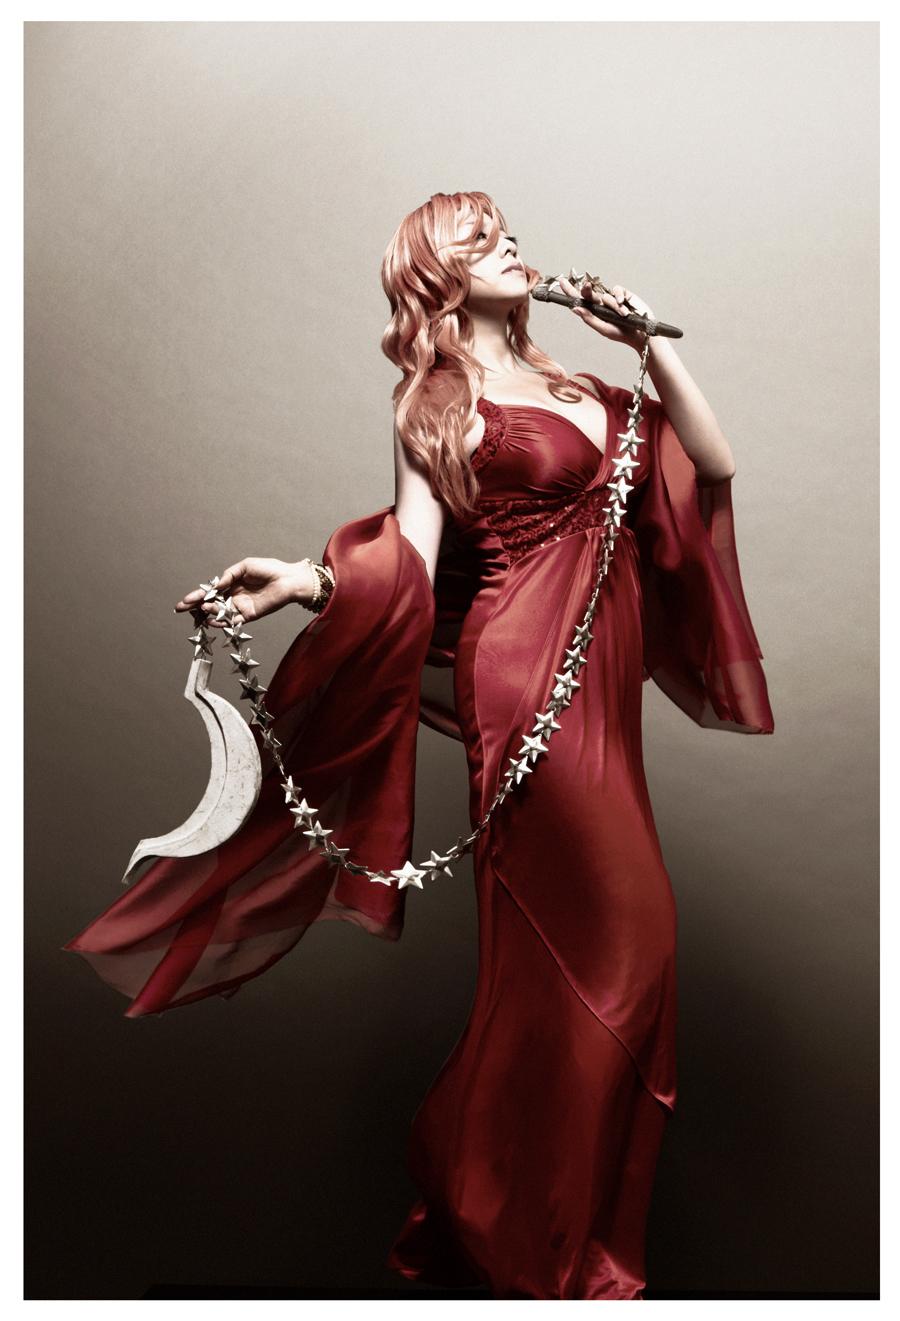 Sadistic witch by yoru0704